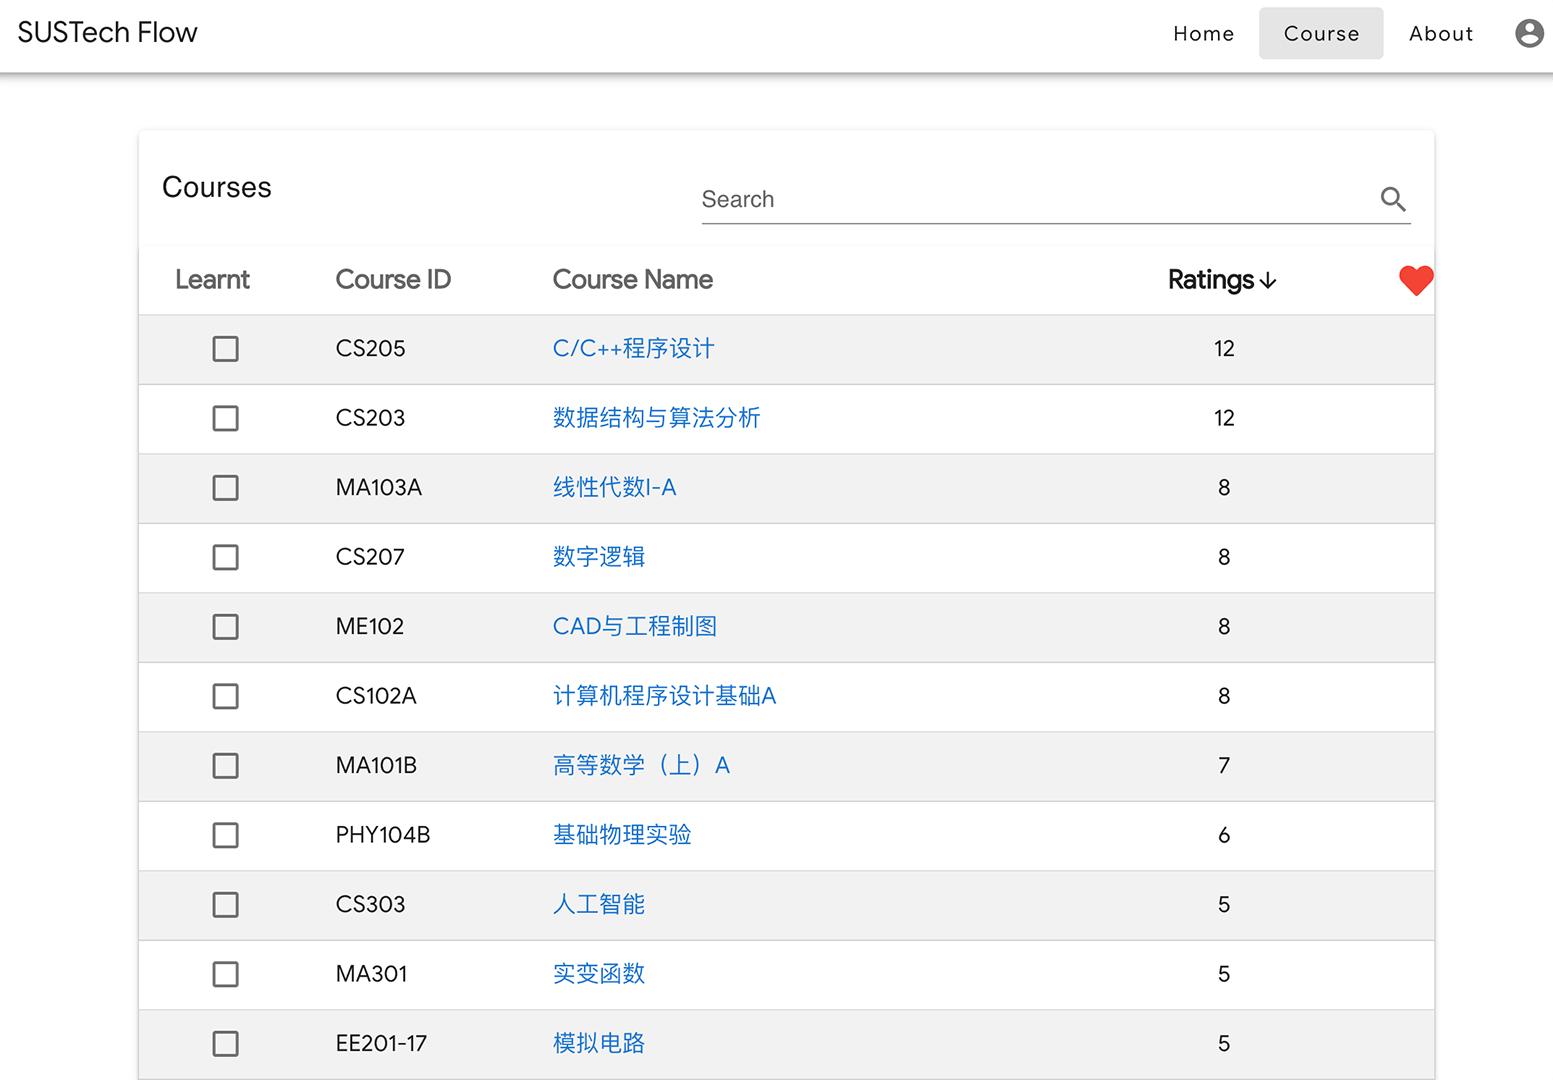 最多评价的课程「C/C++程序设计」也仅有12个评价/SUSTechFlow